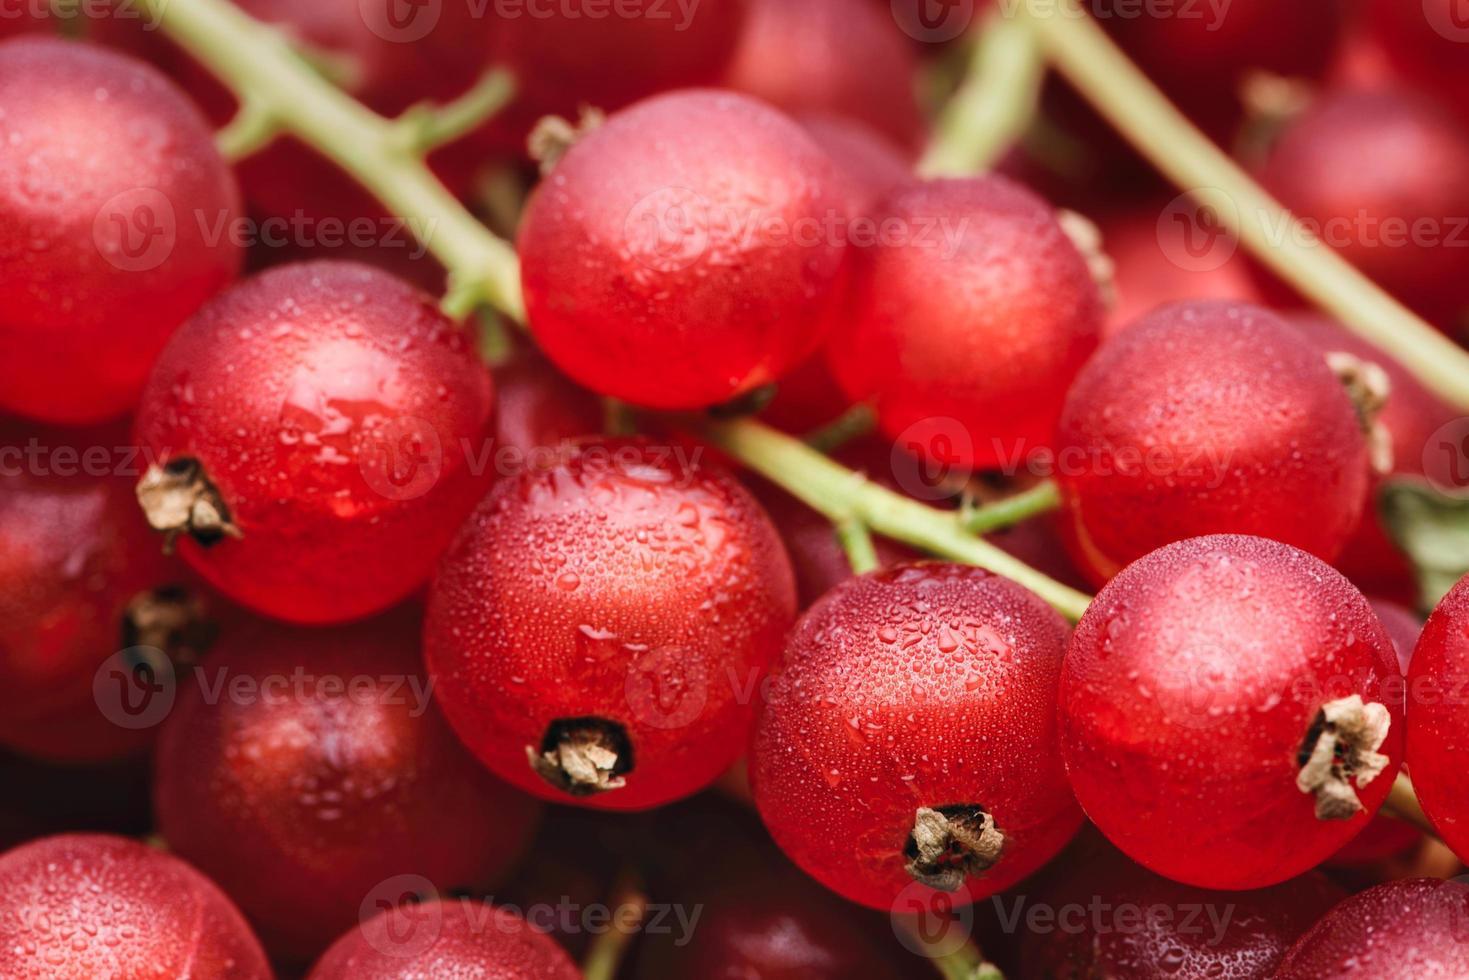 bayas de grosella roja con gotas de agua foto